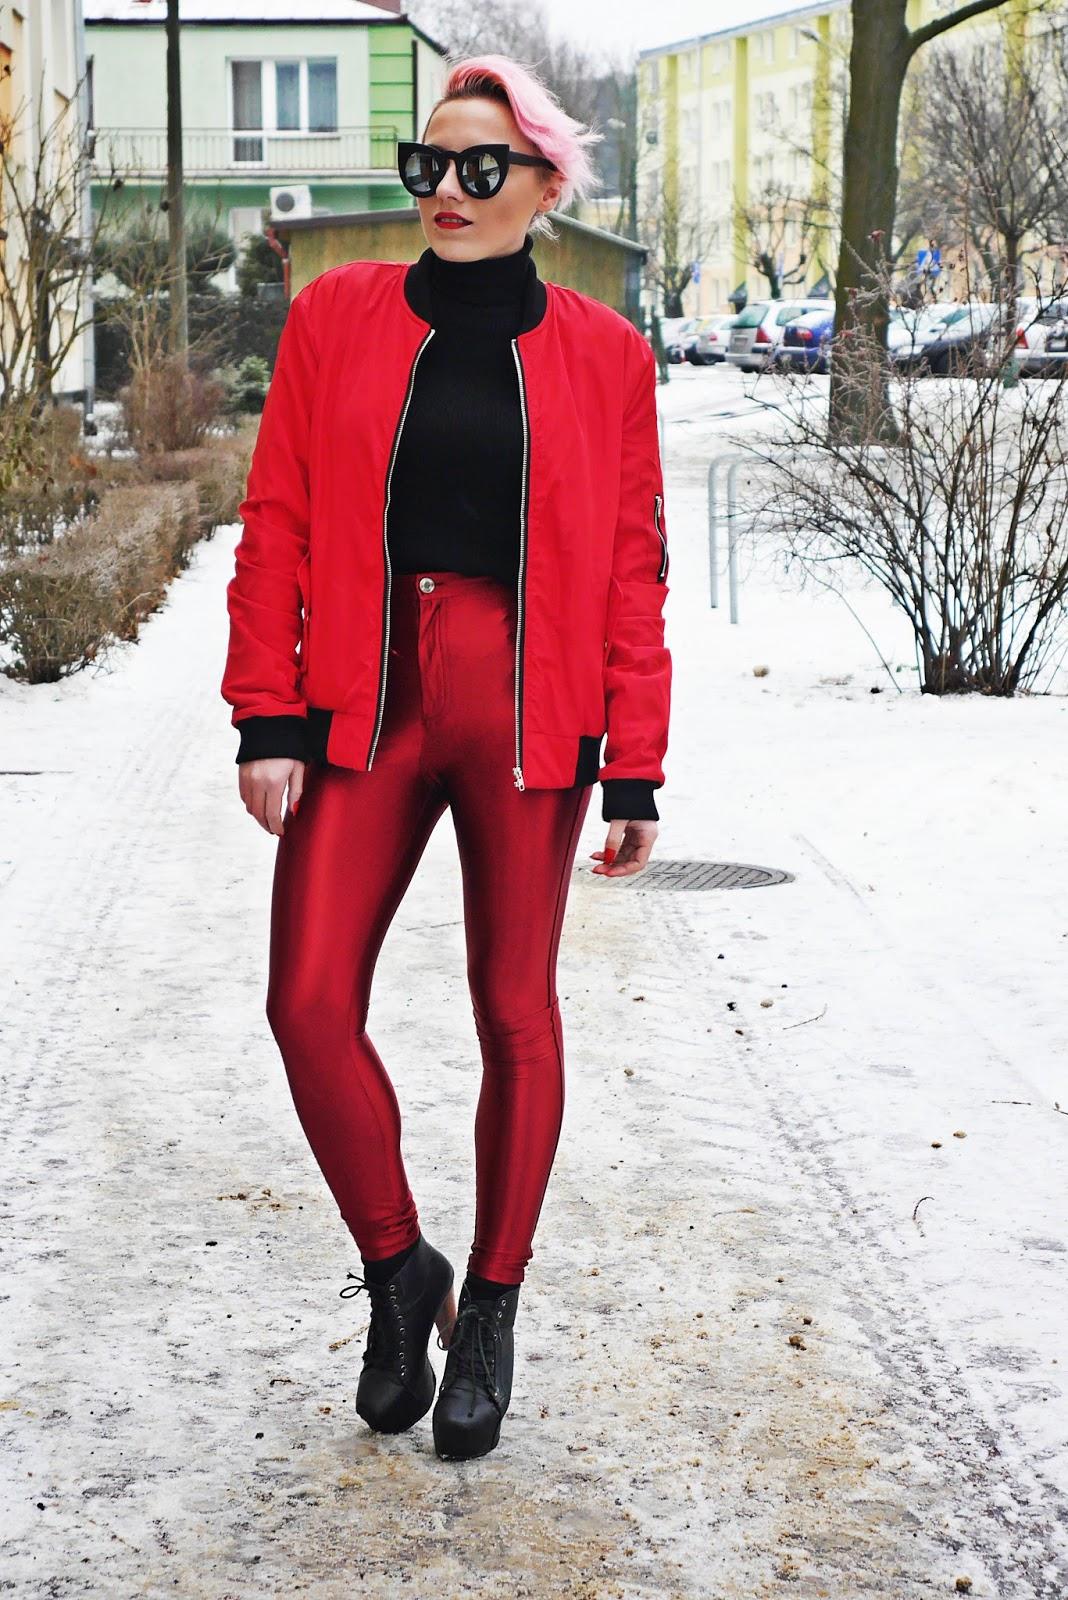 rozowe_wlosy_blog_modowy_look_outfit_karyn_190217